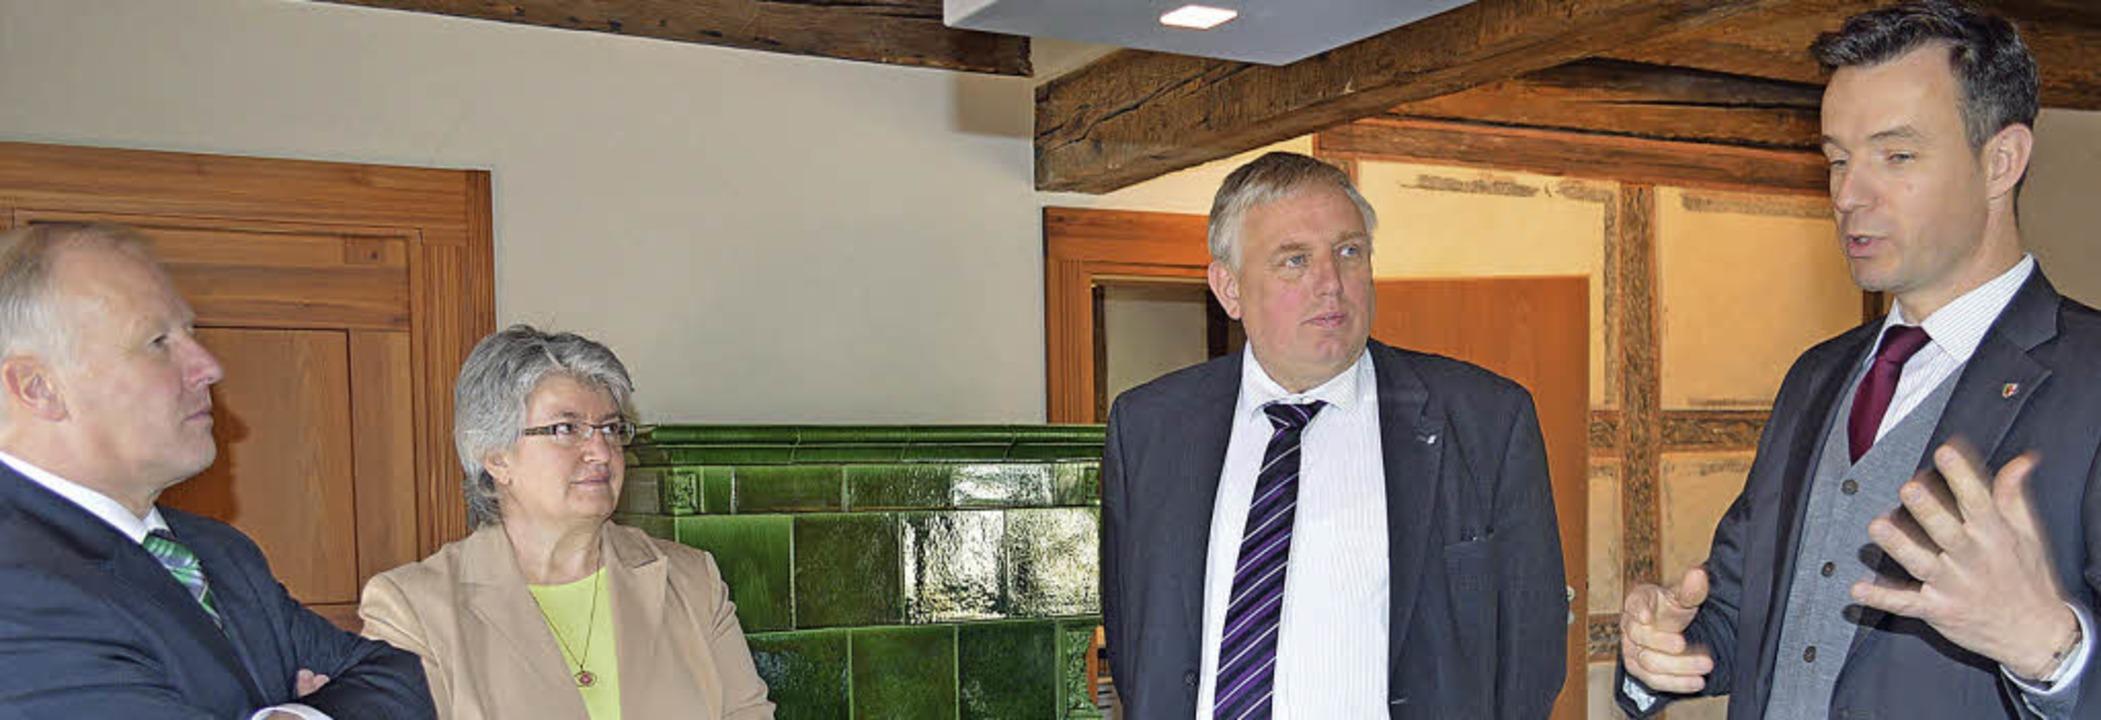 Kirchzartens Bürgermeister Andreas Hal... Schmidt und Peter Weiß (von rechts).   | Foto: Gerhard Lück